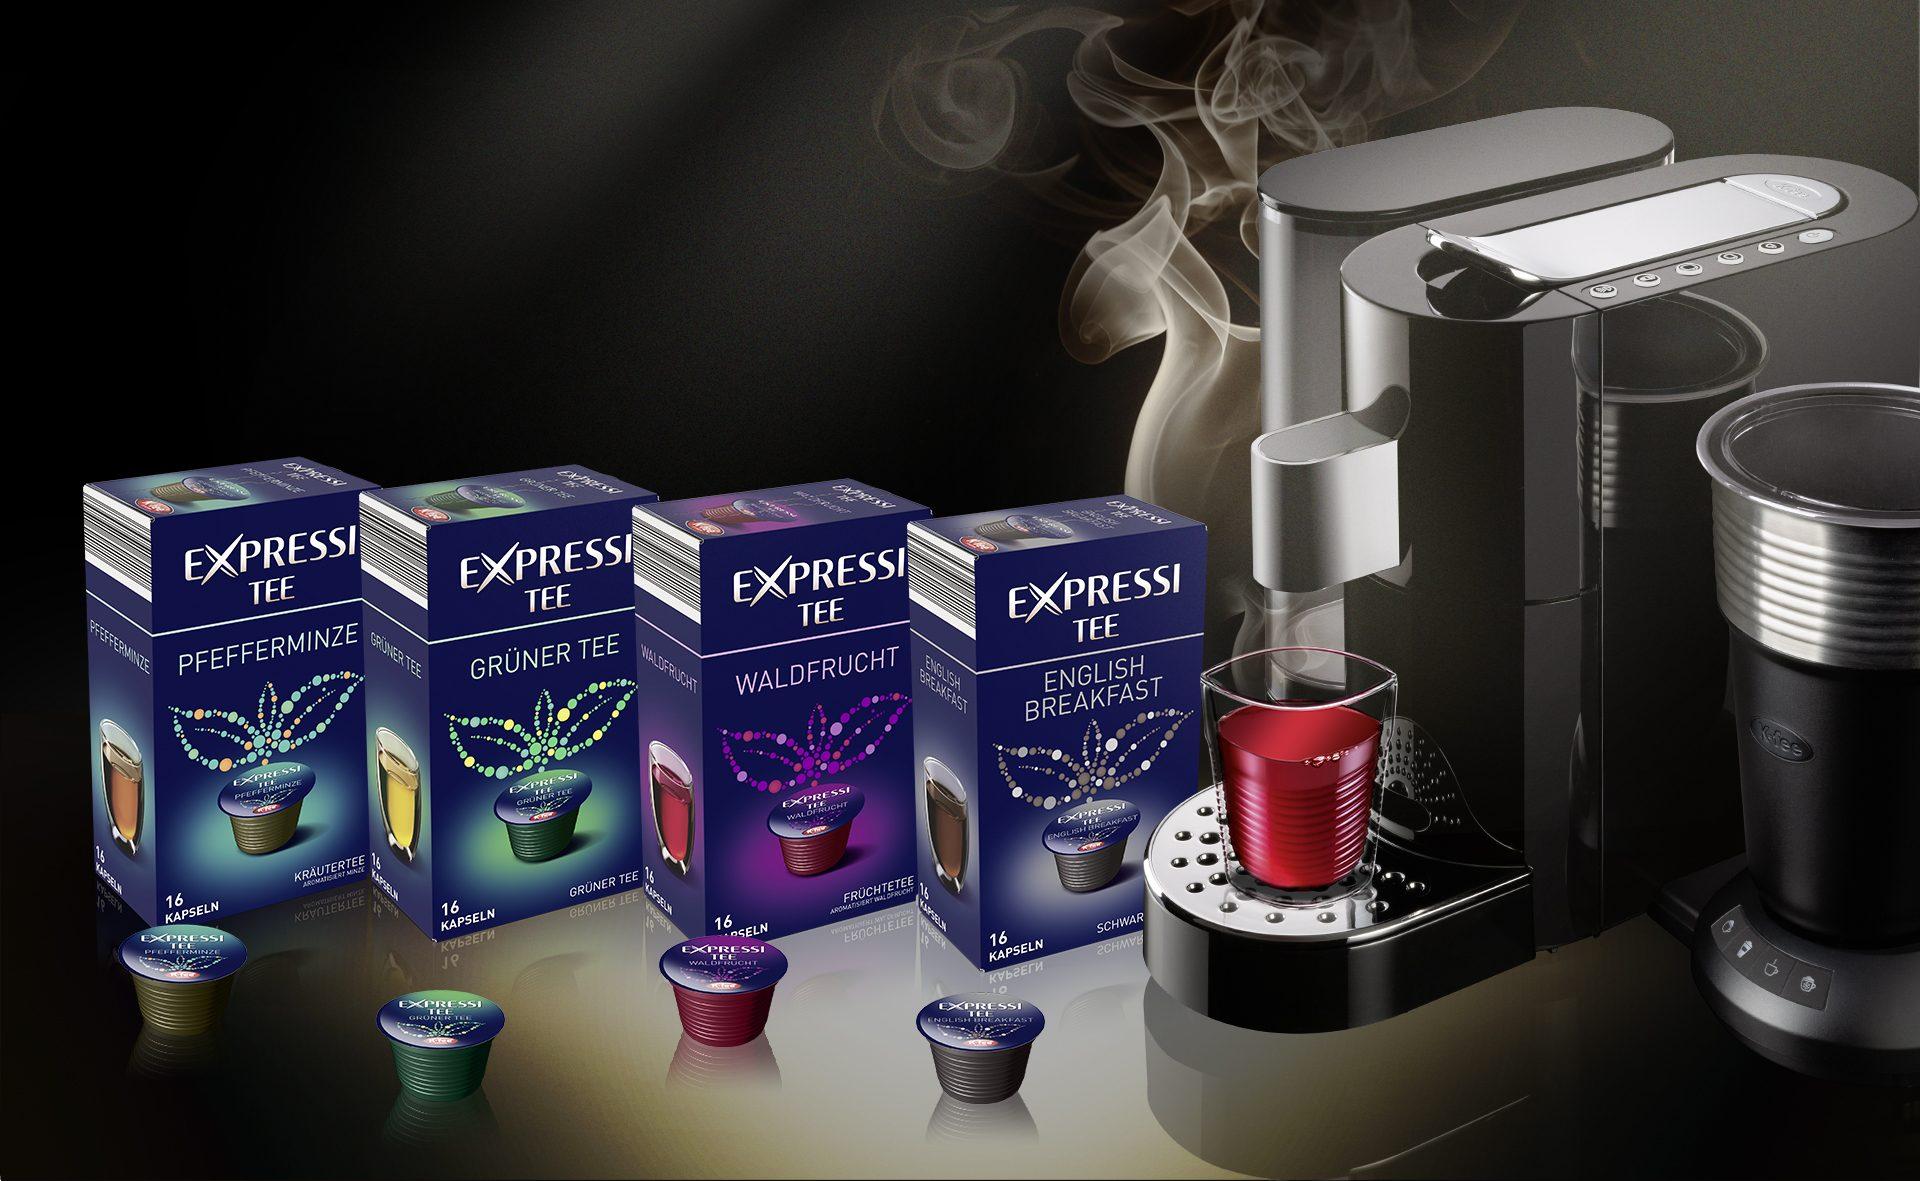 Verpackungsdesign Malvega: Expressi Tee